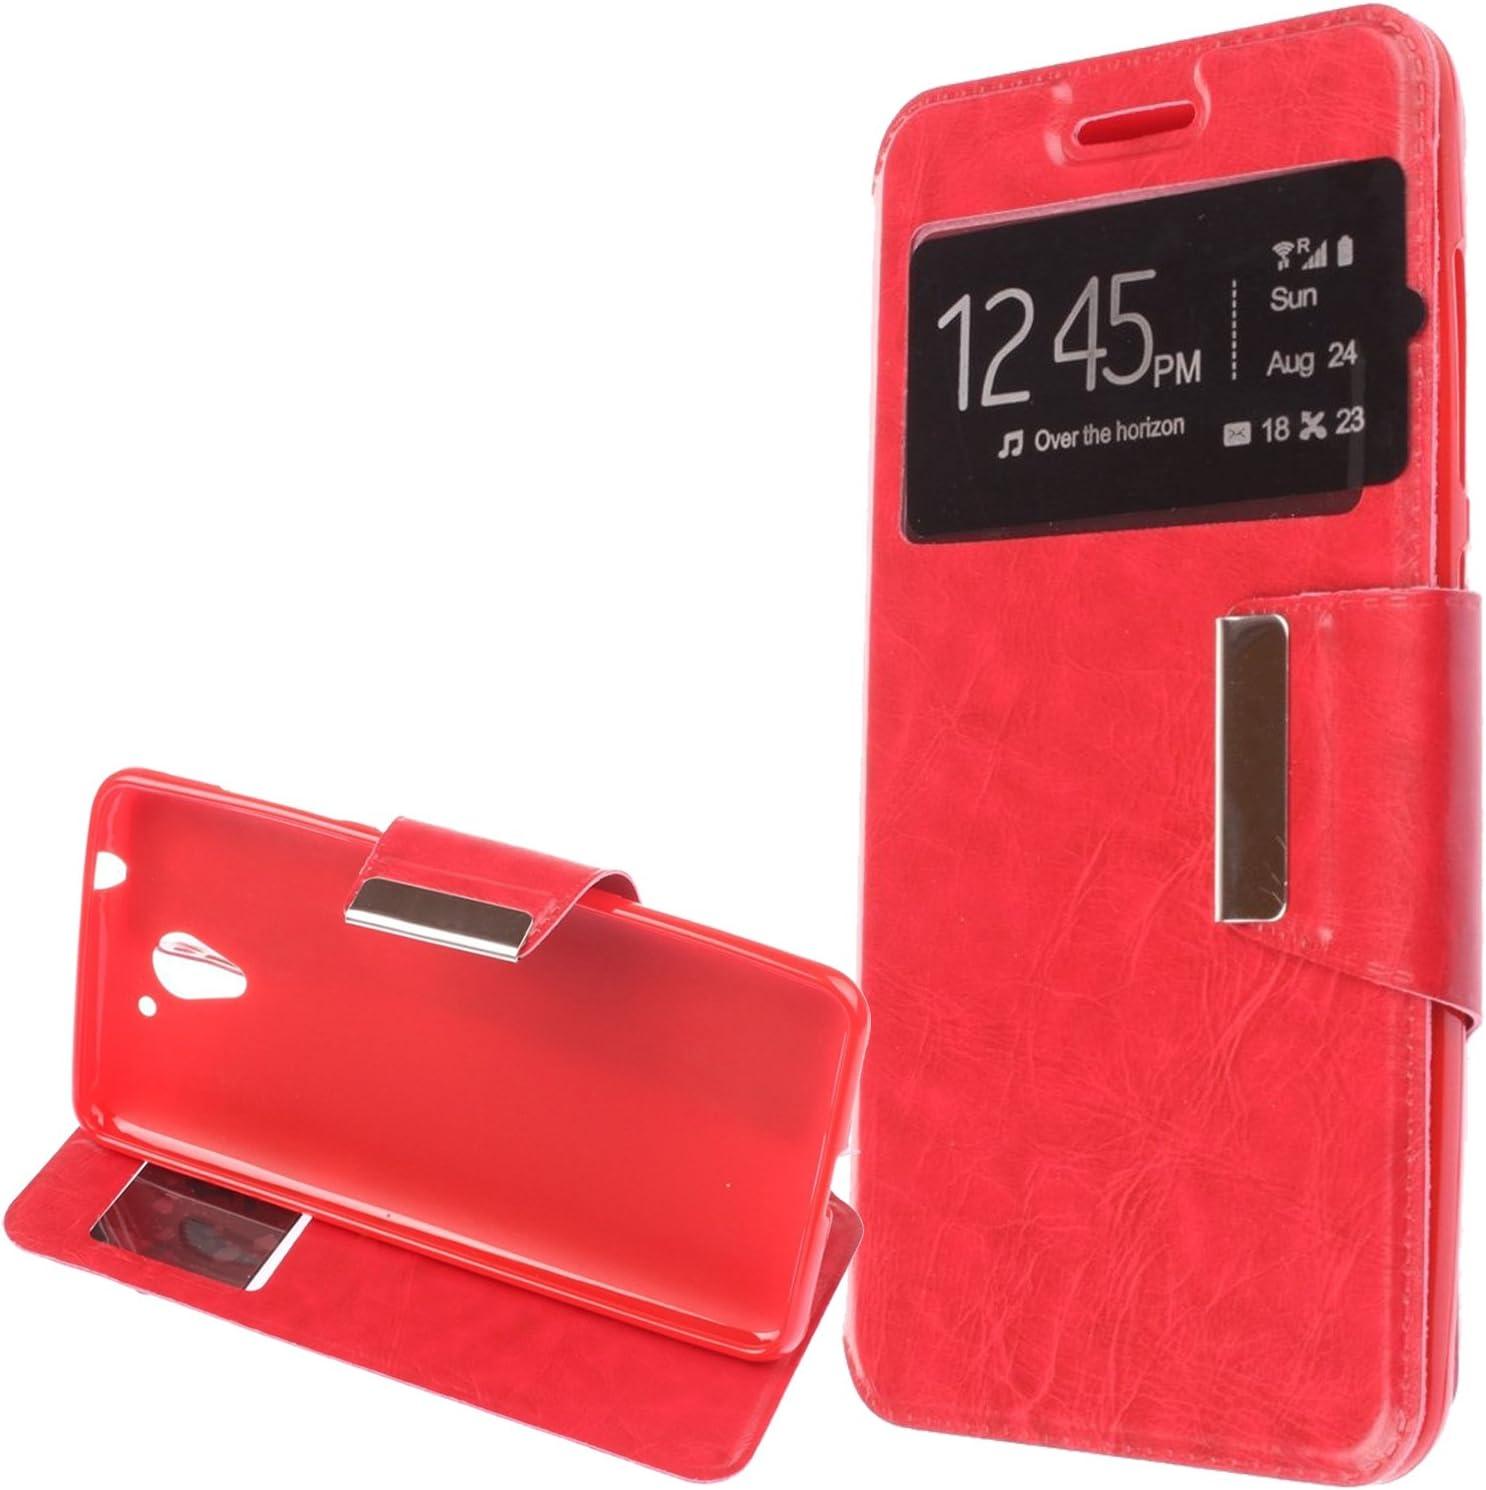 OVIphone Funda Con Tapa Libro Soporte Para ZTE BLADE L7(Color Rojo): Amazon.es: Electrónica